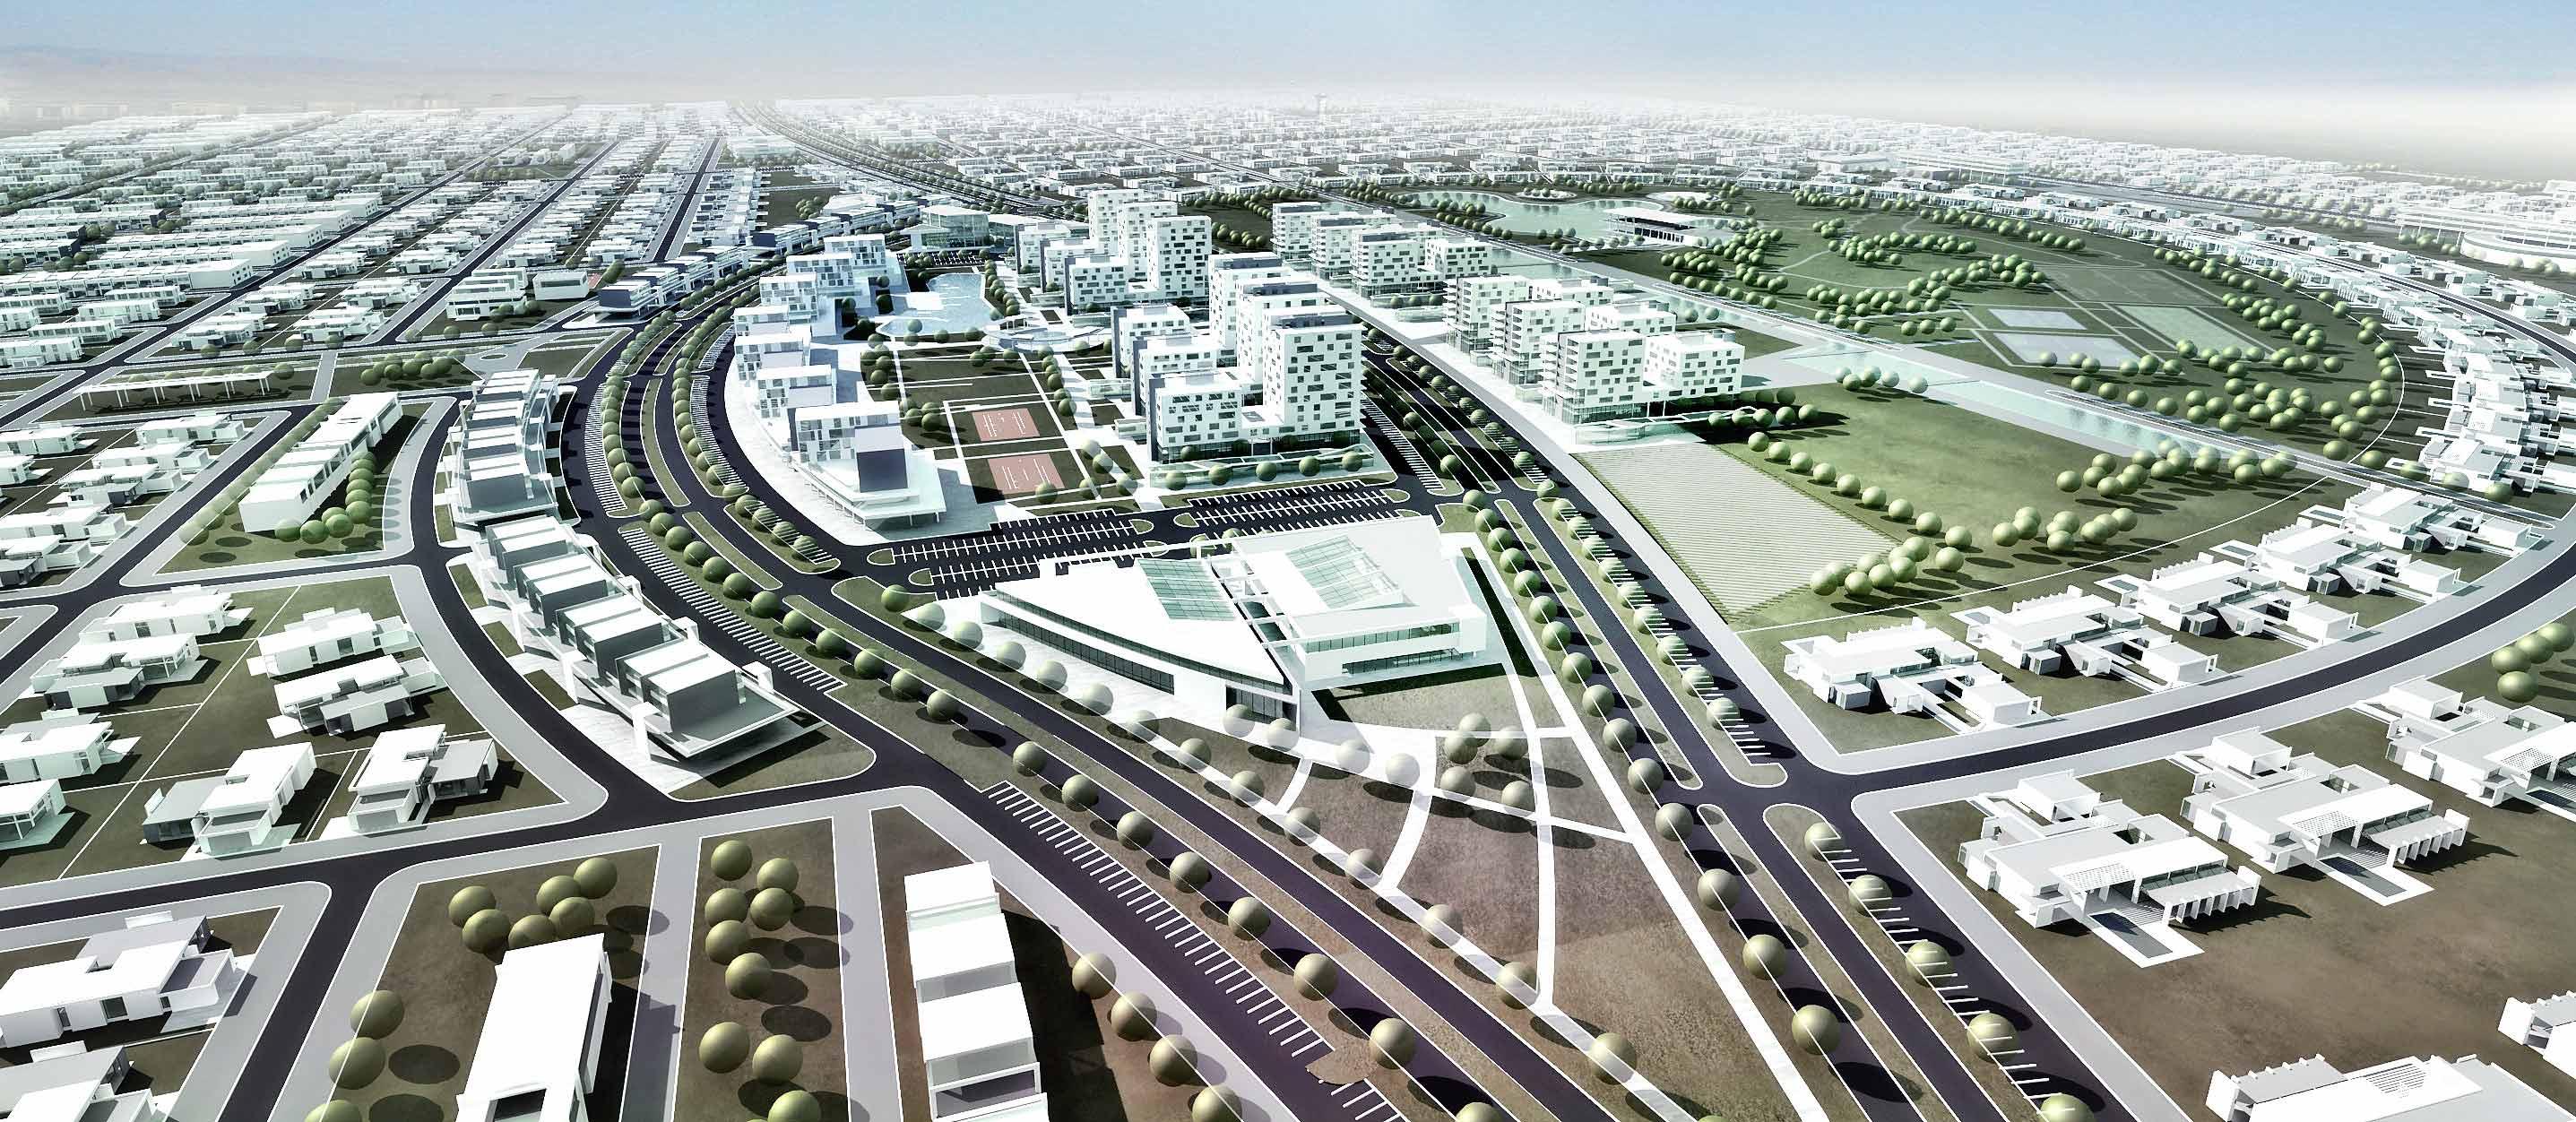 Konceptualno urbanističko rešenje LIBREVILLE, Gabon